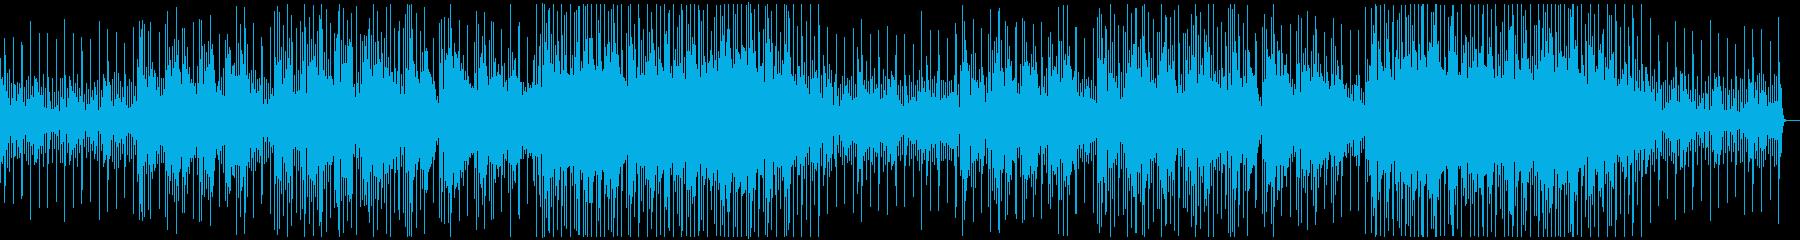 モーニングルーティンに アコギのポップスの再生済みの波形